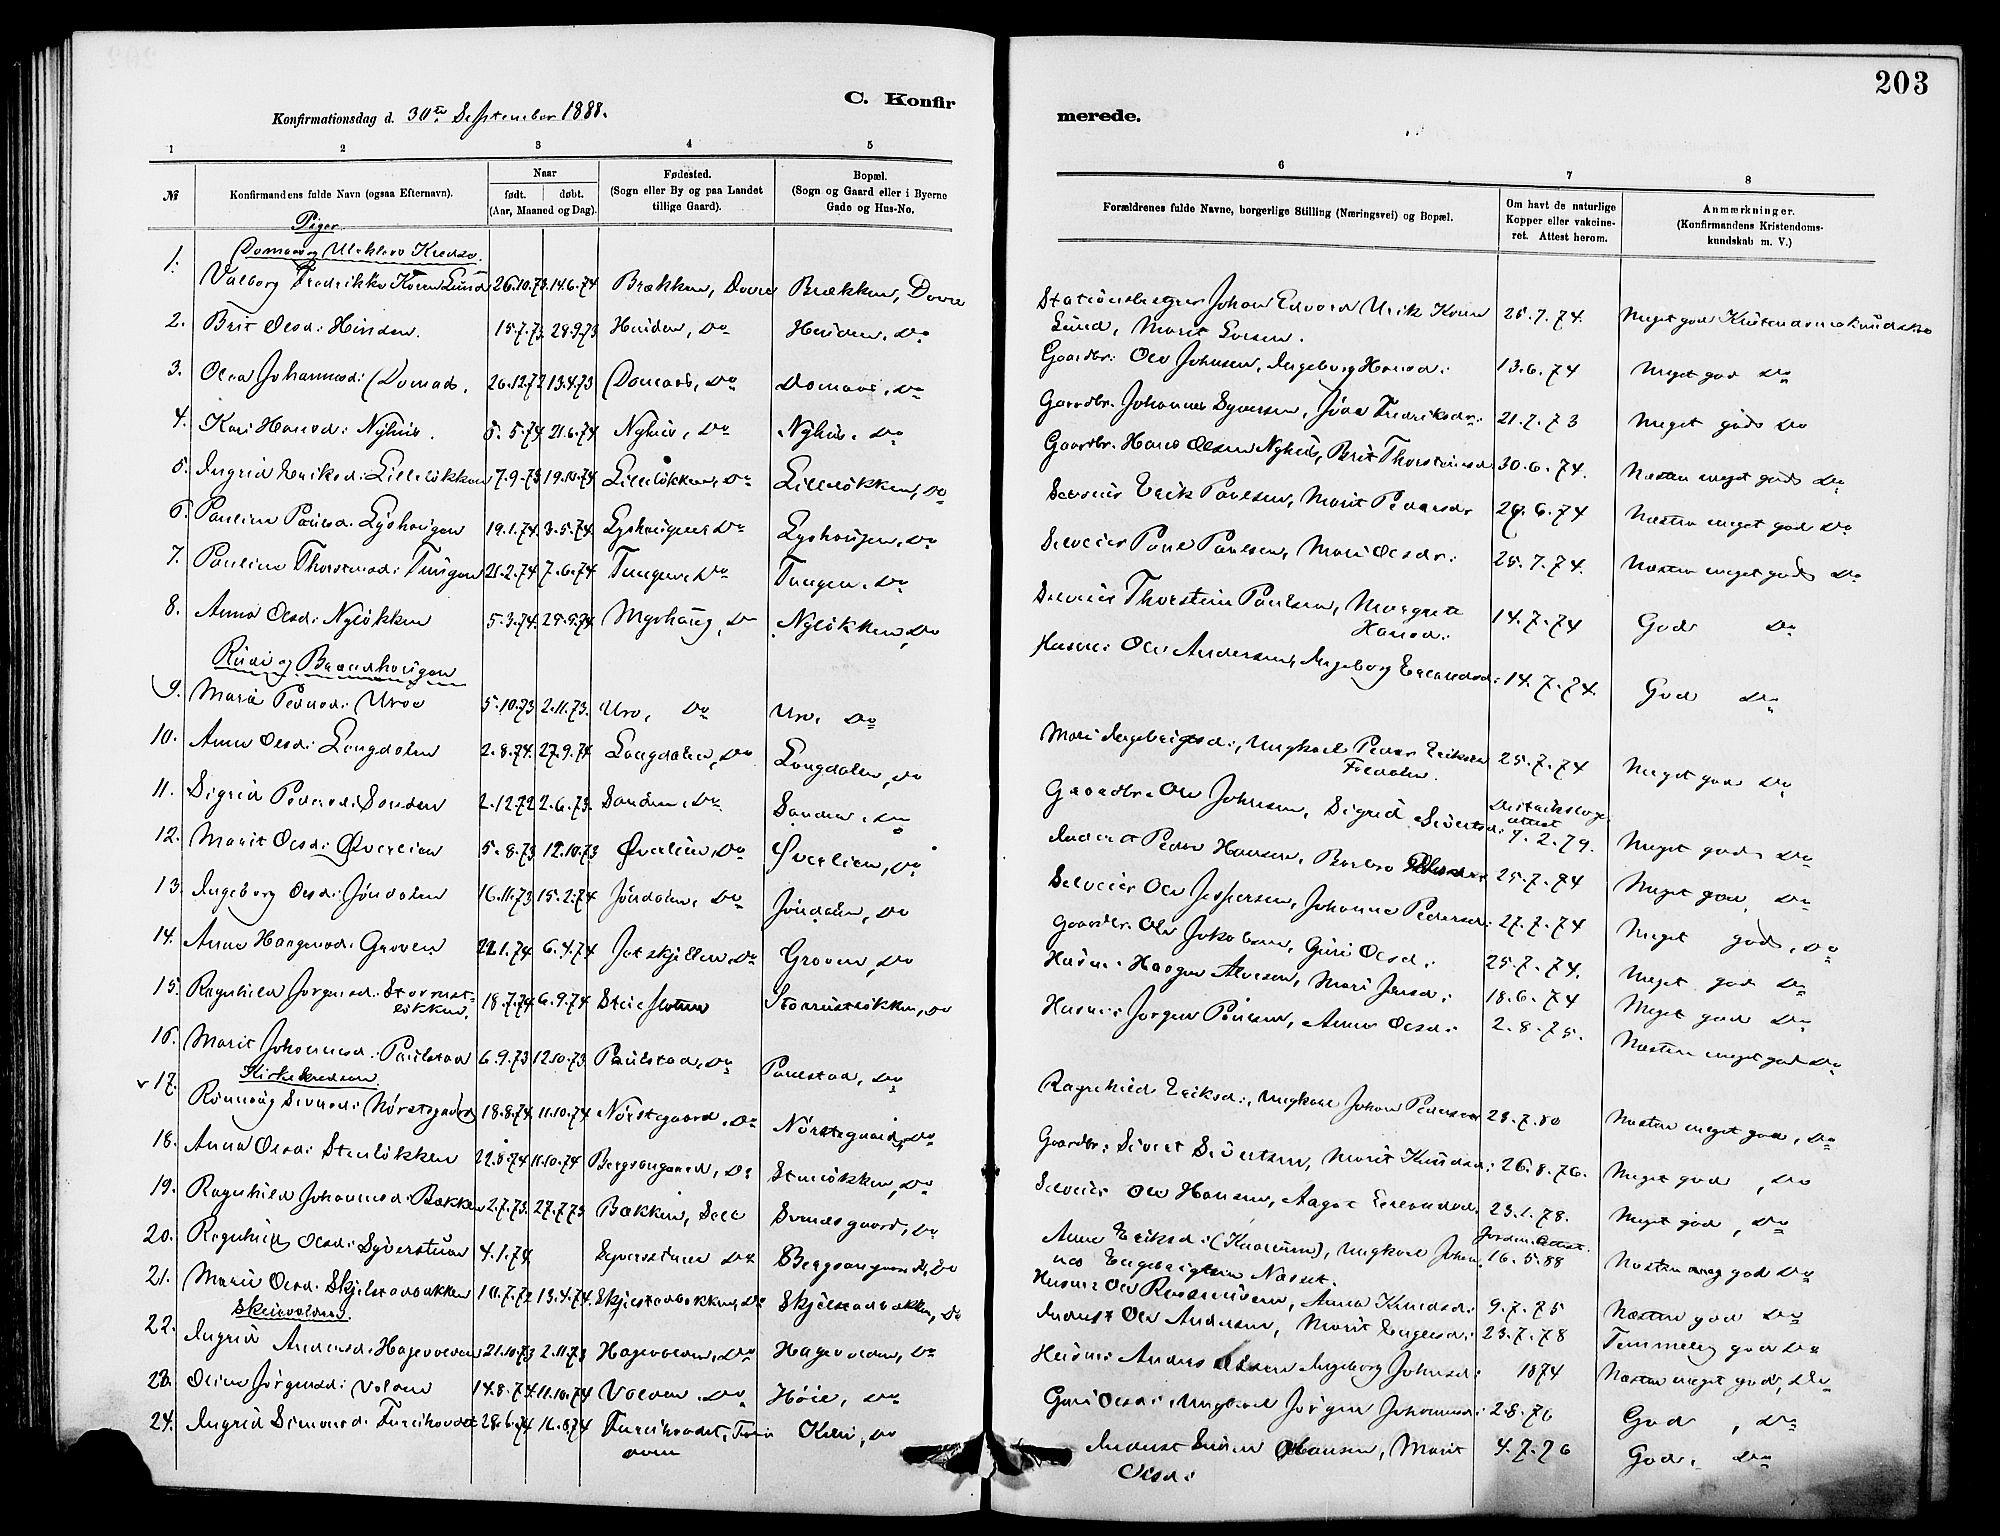 SAH, Dovre prestekontor, Klokkerbok nr. 2, 1881-1907, s. 203